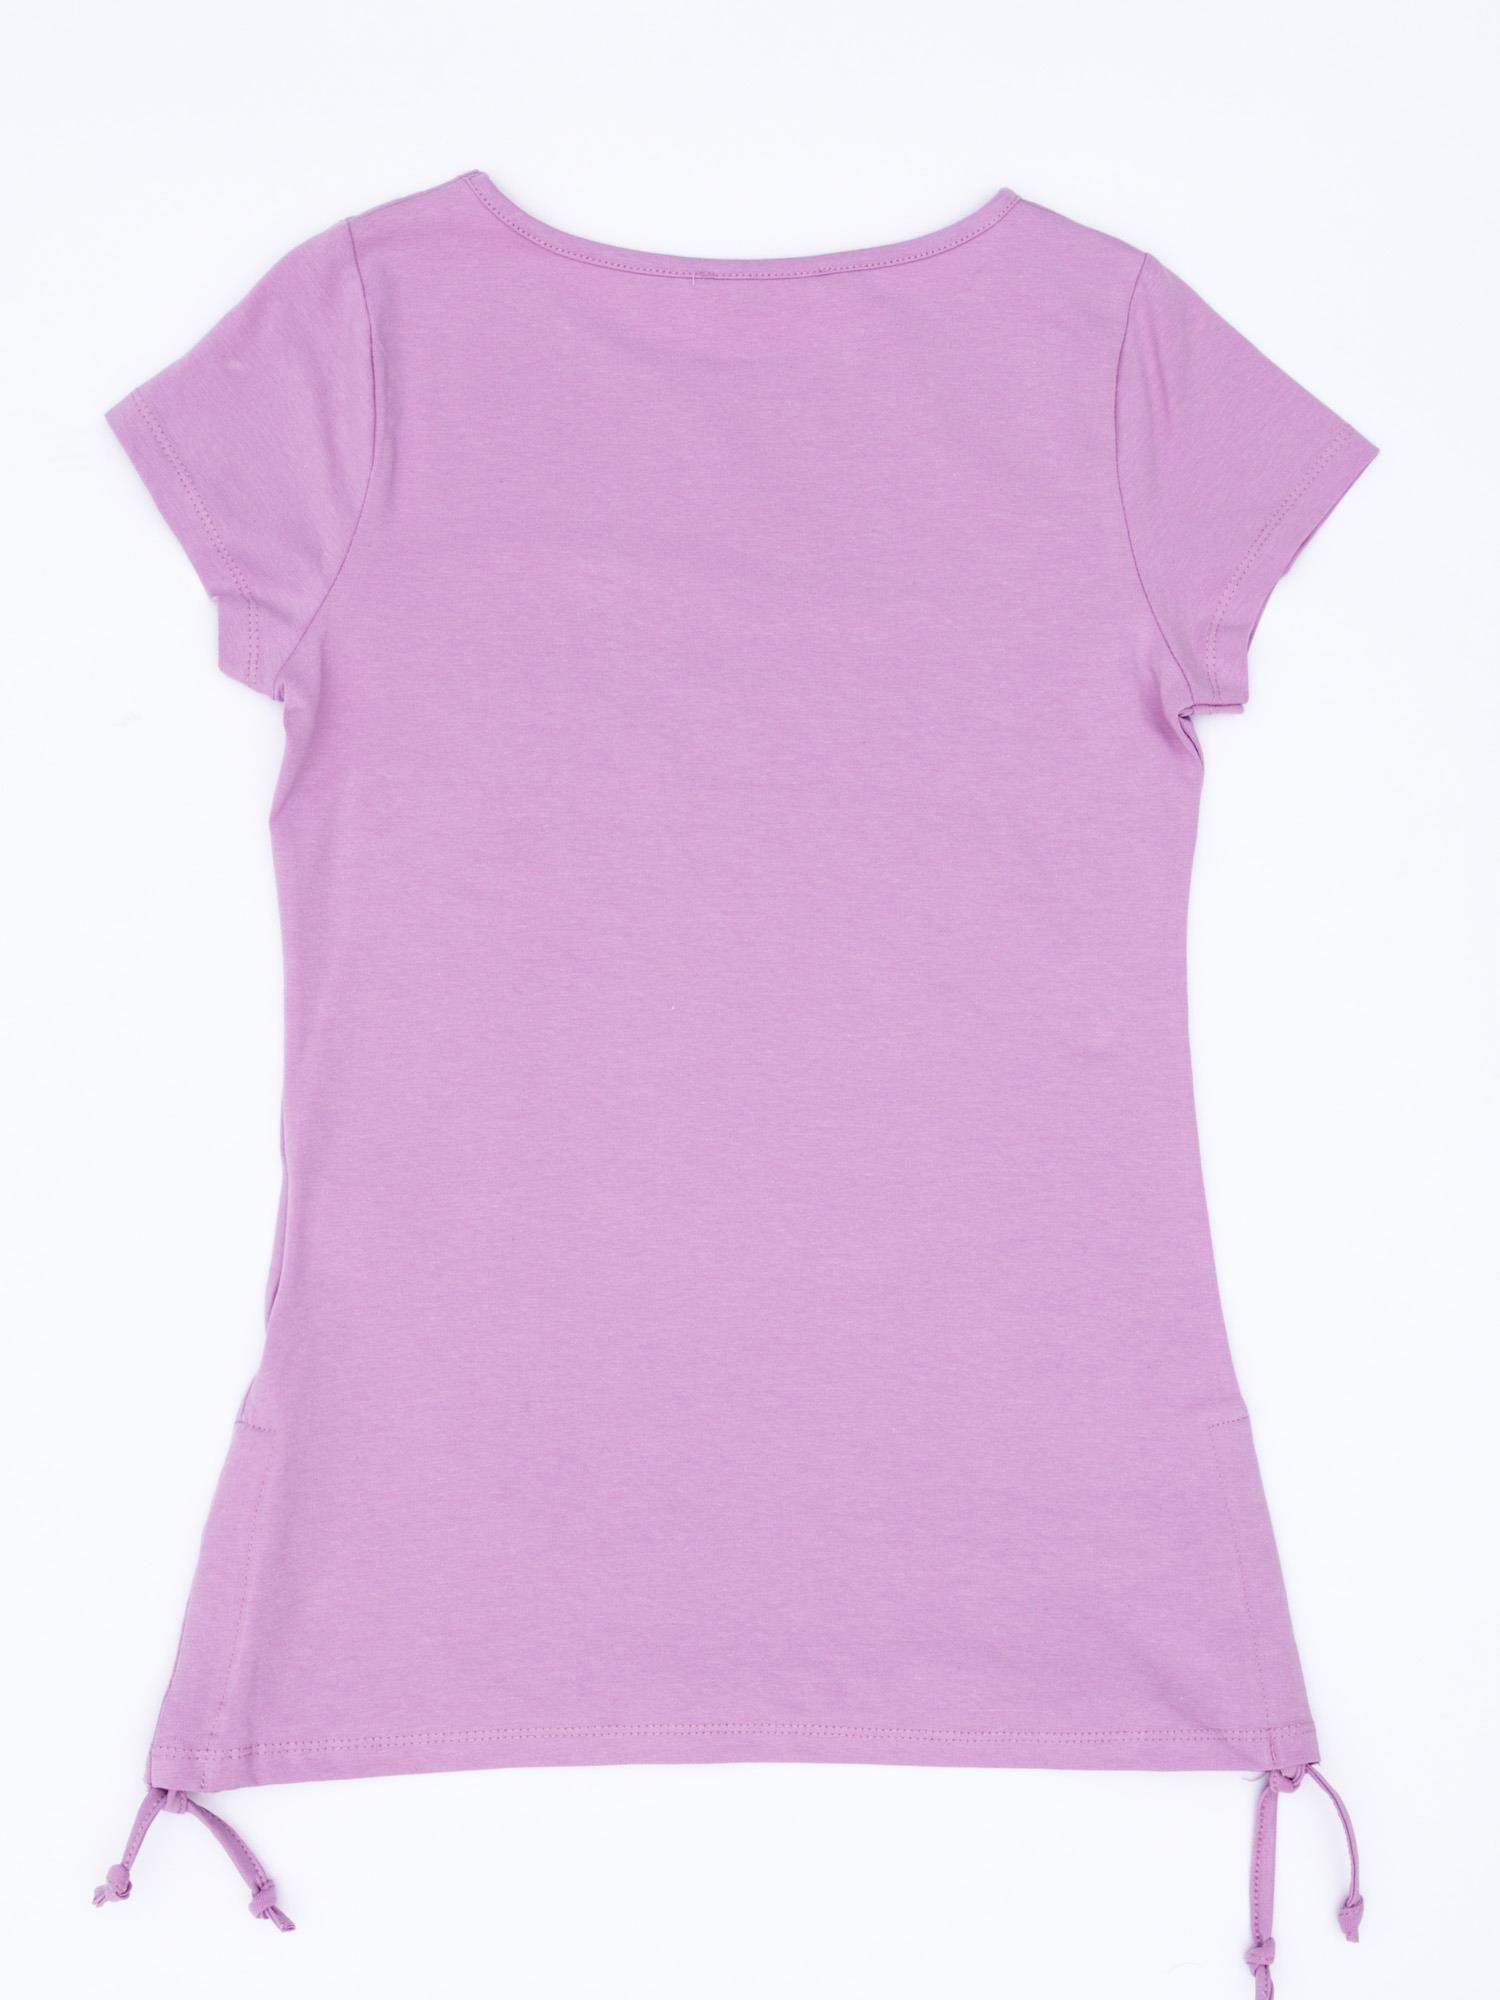 e354246209 1 · Fioletowa tunika dla dziewczynki z dwustronnym cekinowym motylem ...